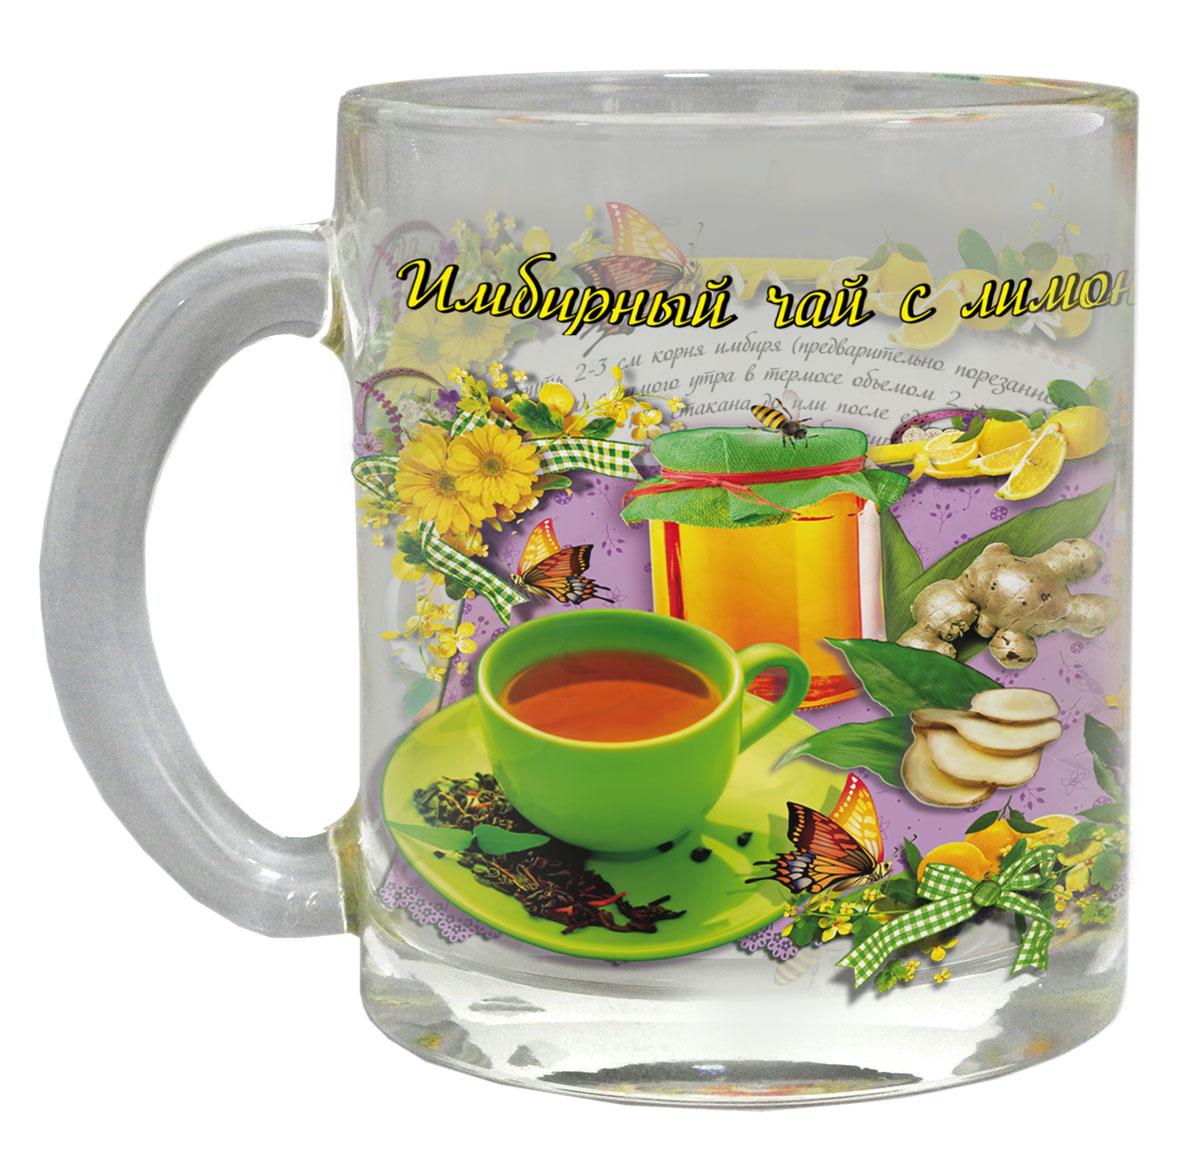 Кружка чайная Квестор Имбирный чай с лимоном , 320 мл115510Кружка чайная Квестор Имбирный чай с лимоном , 320 мл